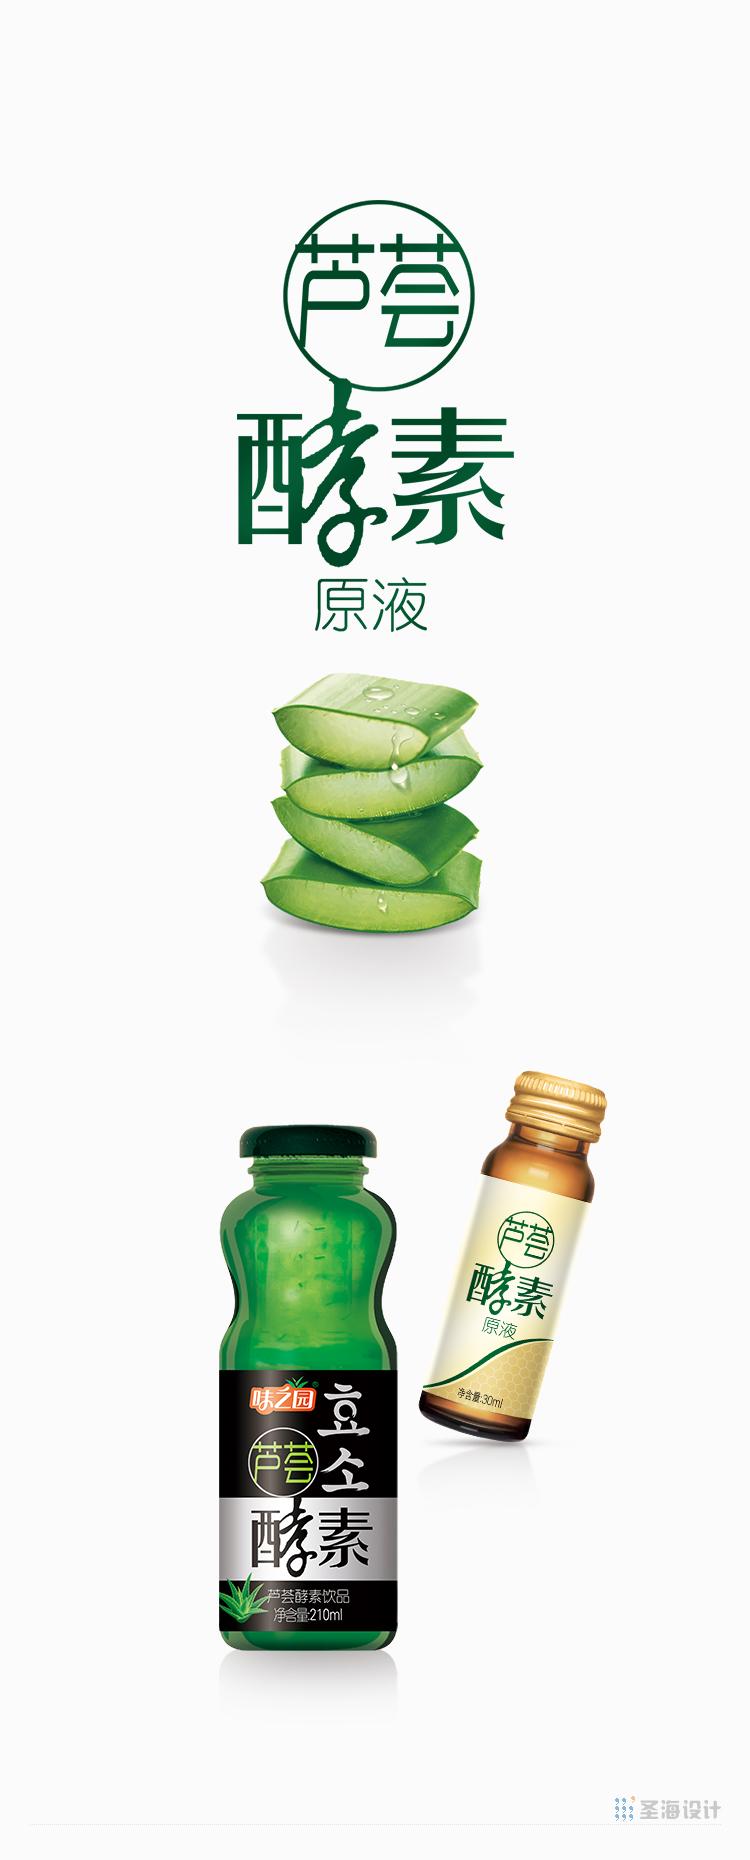 蘆薈酵素/蘆薈酵素瓶貼標簽設計/味之園/杭州包裝設計/圣海包裝設計/